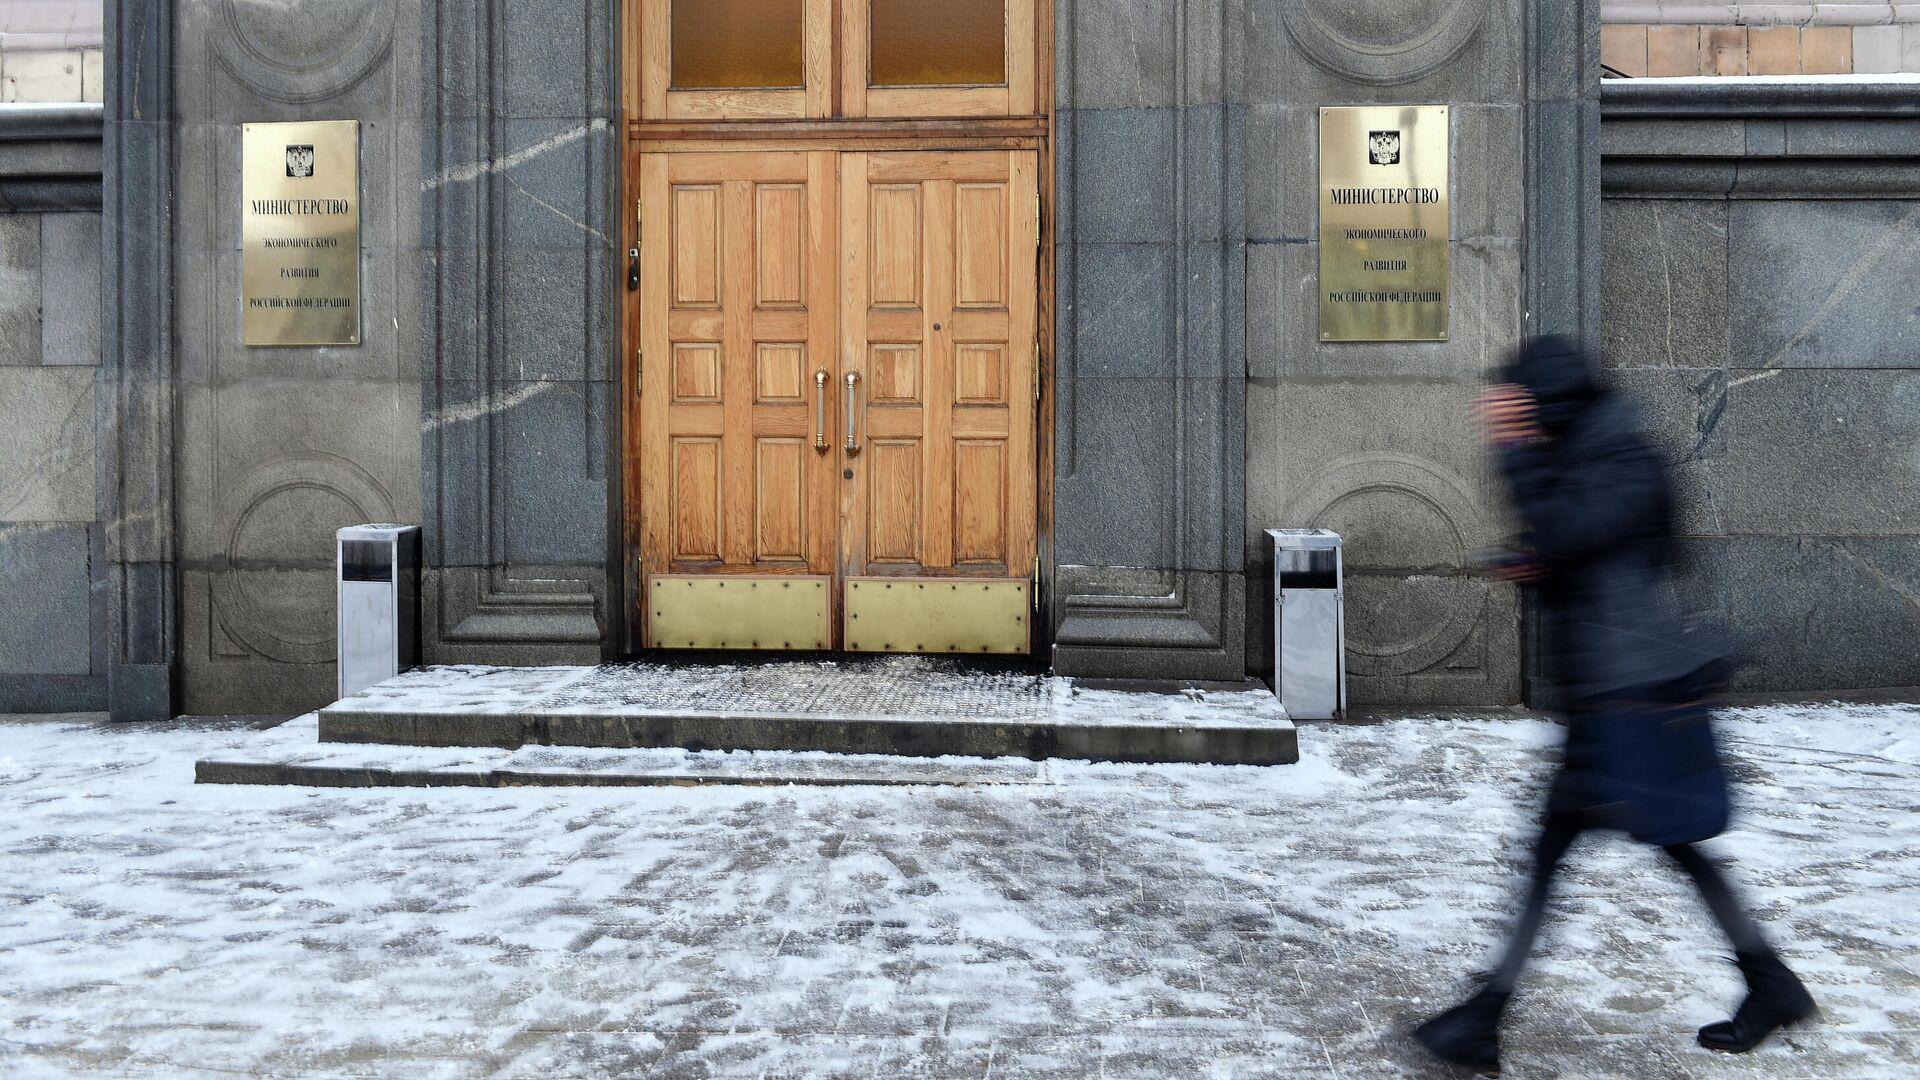 Прохожий у здания министерства экономического развития Российской Федерации - РИА Новости, 1920, 01.02.2021